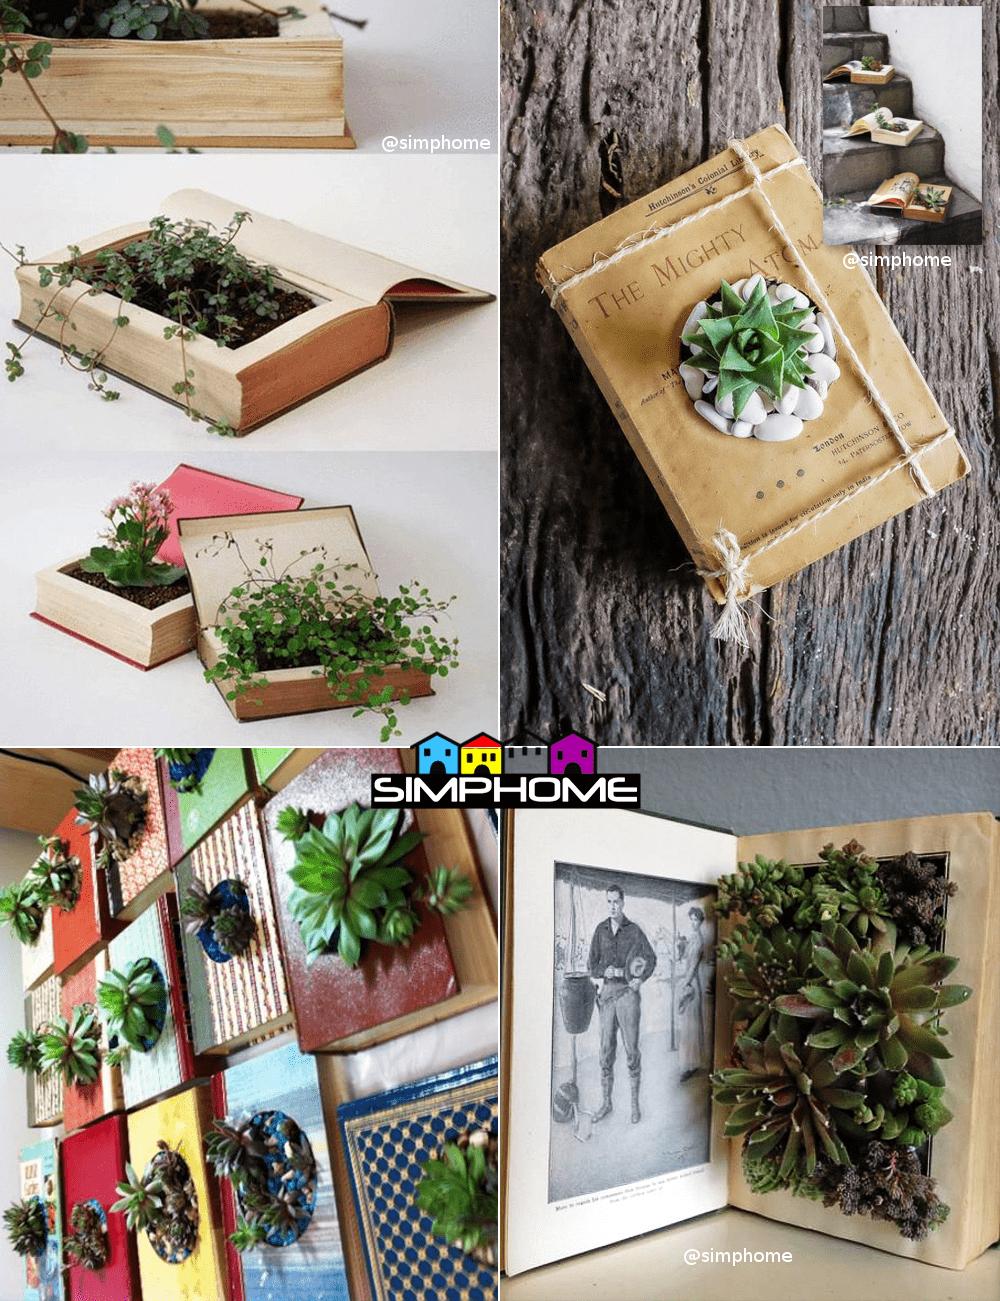 6.Succulent in an Old Book Project Idea via Simphome.com